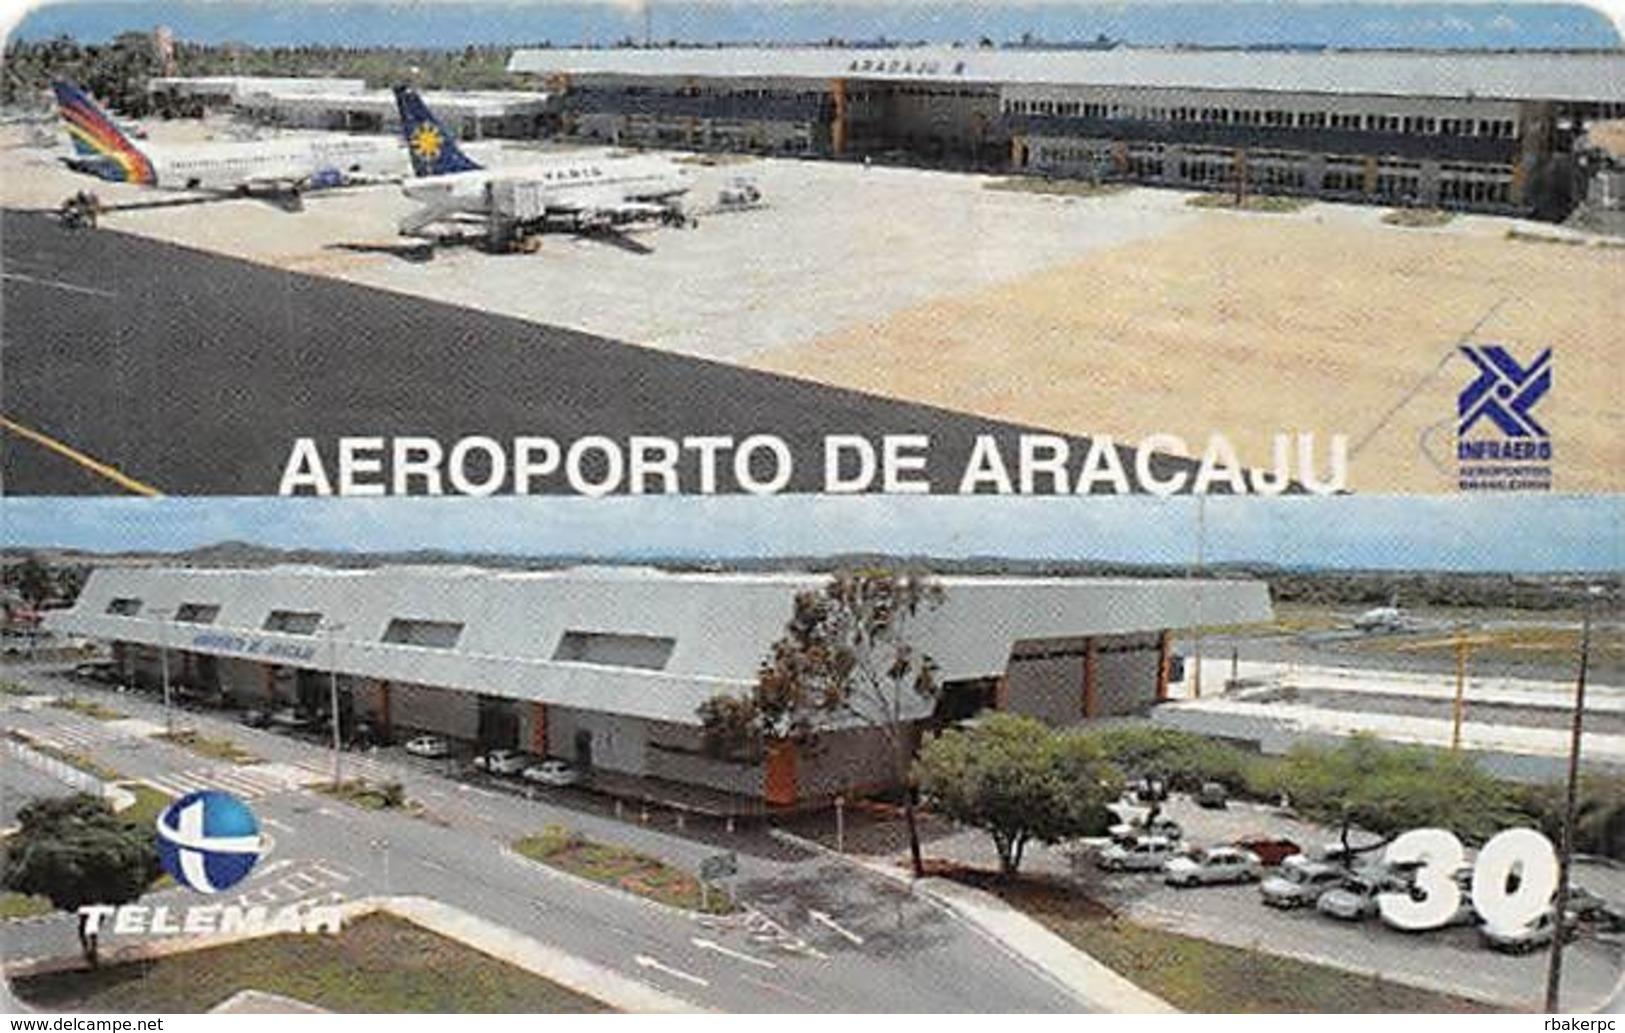 Aeroporto De Aracaju Phone Card - Phonecards